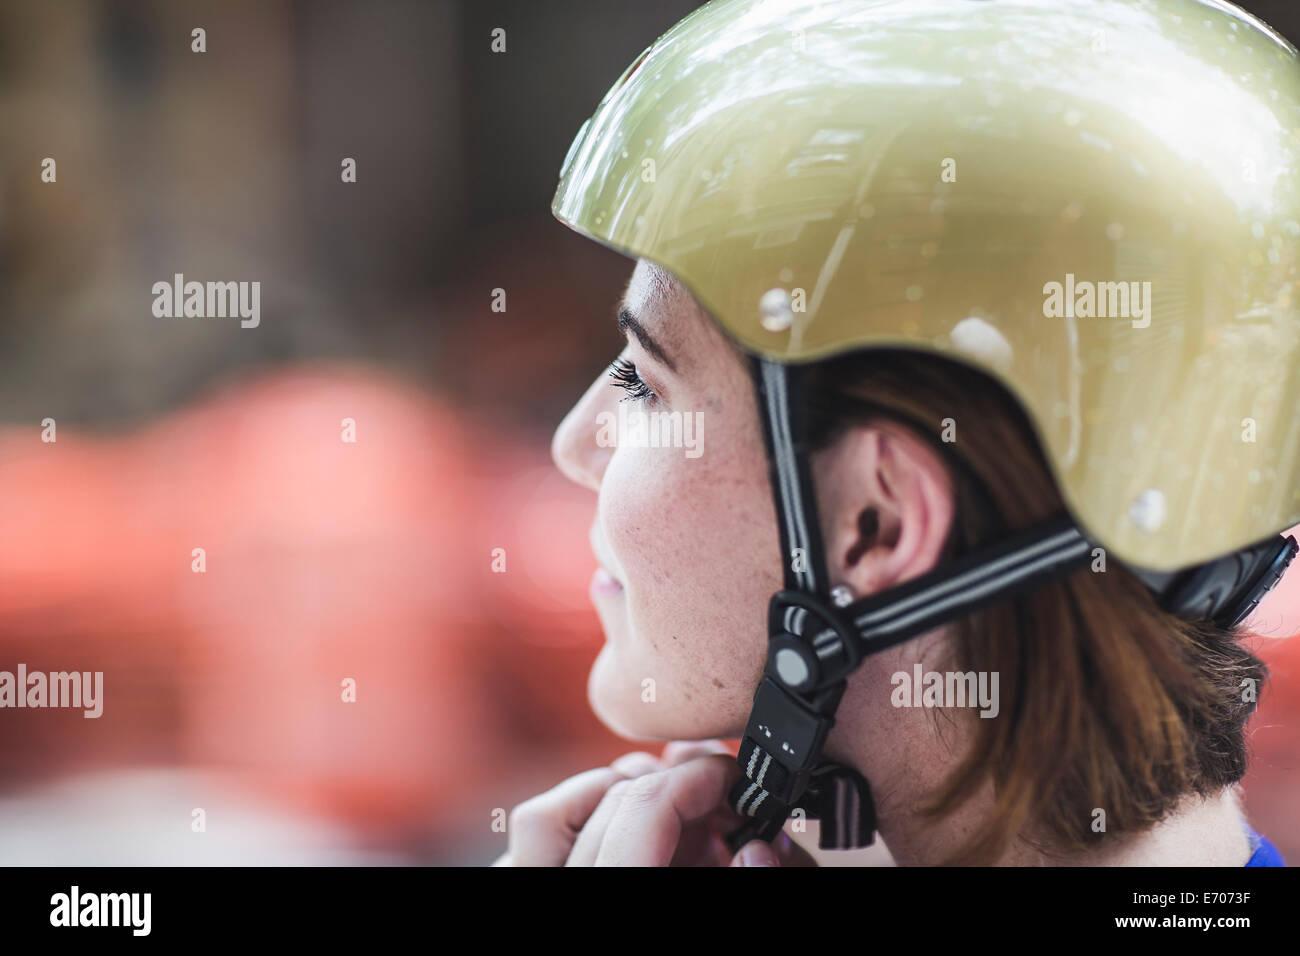 Nahaufnahme von Mitte Erwachsene Frau Radfahrer Befestigung Fahrradhelm Stockbild